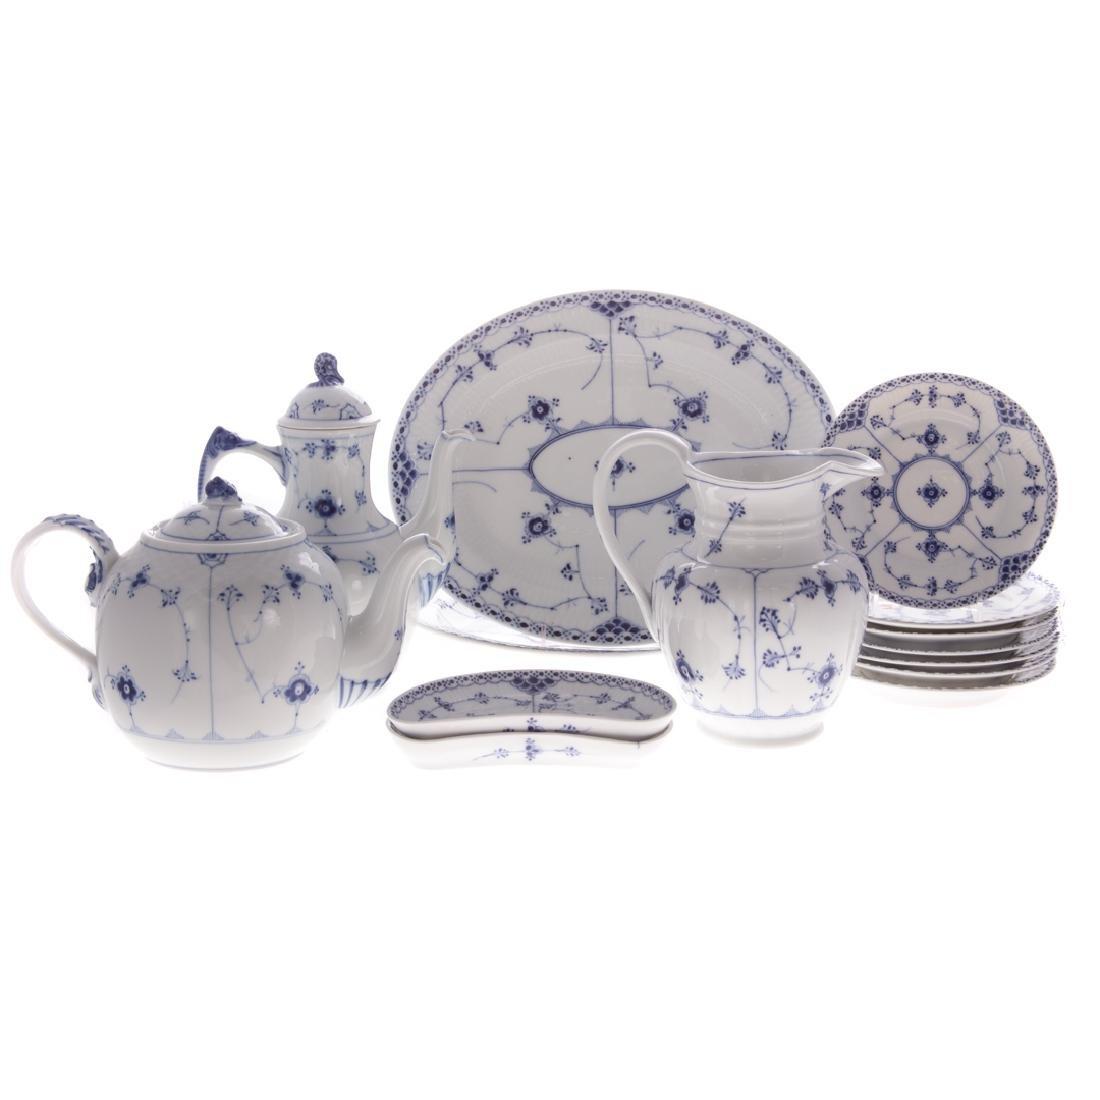 14 Royal Copenhagen porcelain table articles